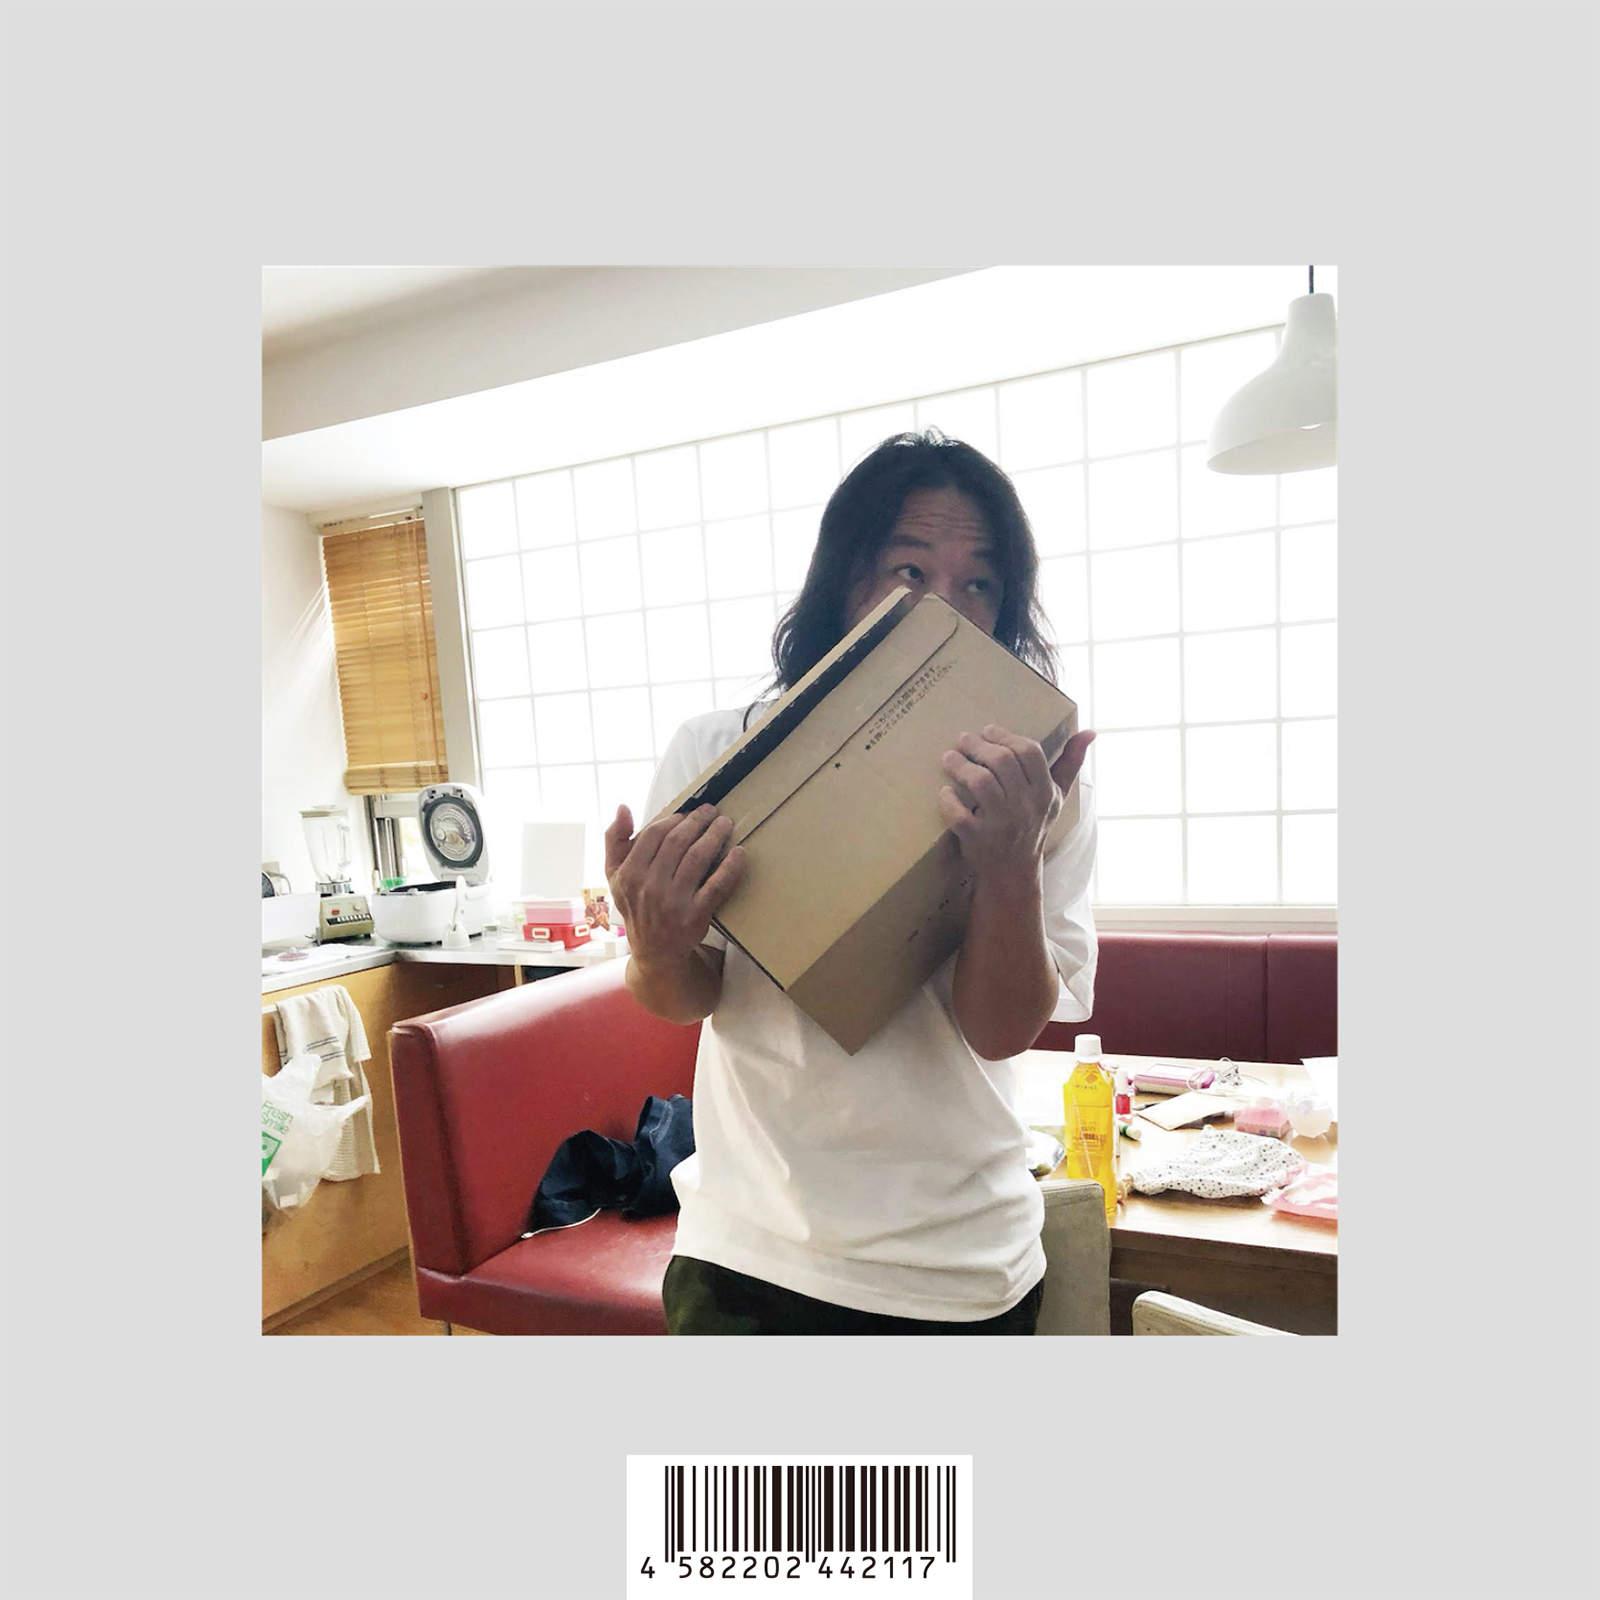 曽我部恵一 ソロ NEWアルバム『There is no place like Tokyo today!』本日配信開始しました。